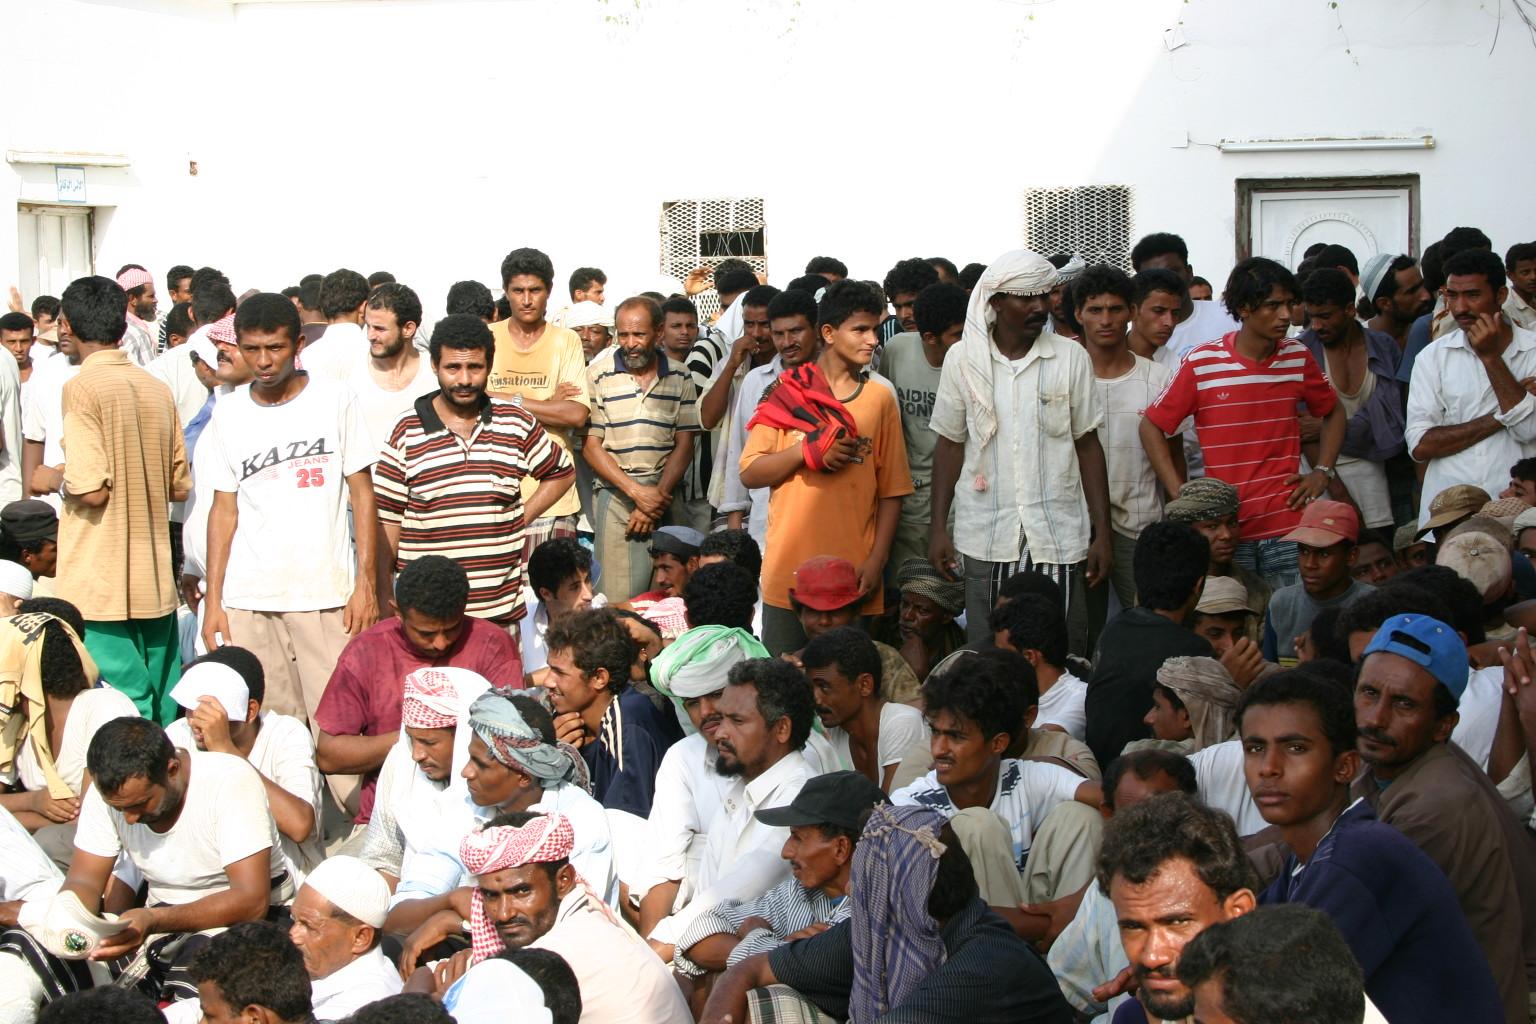 السعودية تمنح يمنيين الإقامة الدائمة.. وهذه هي الشروط